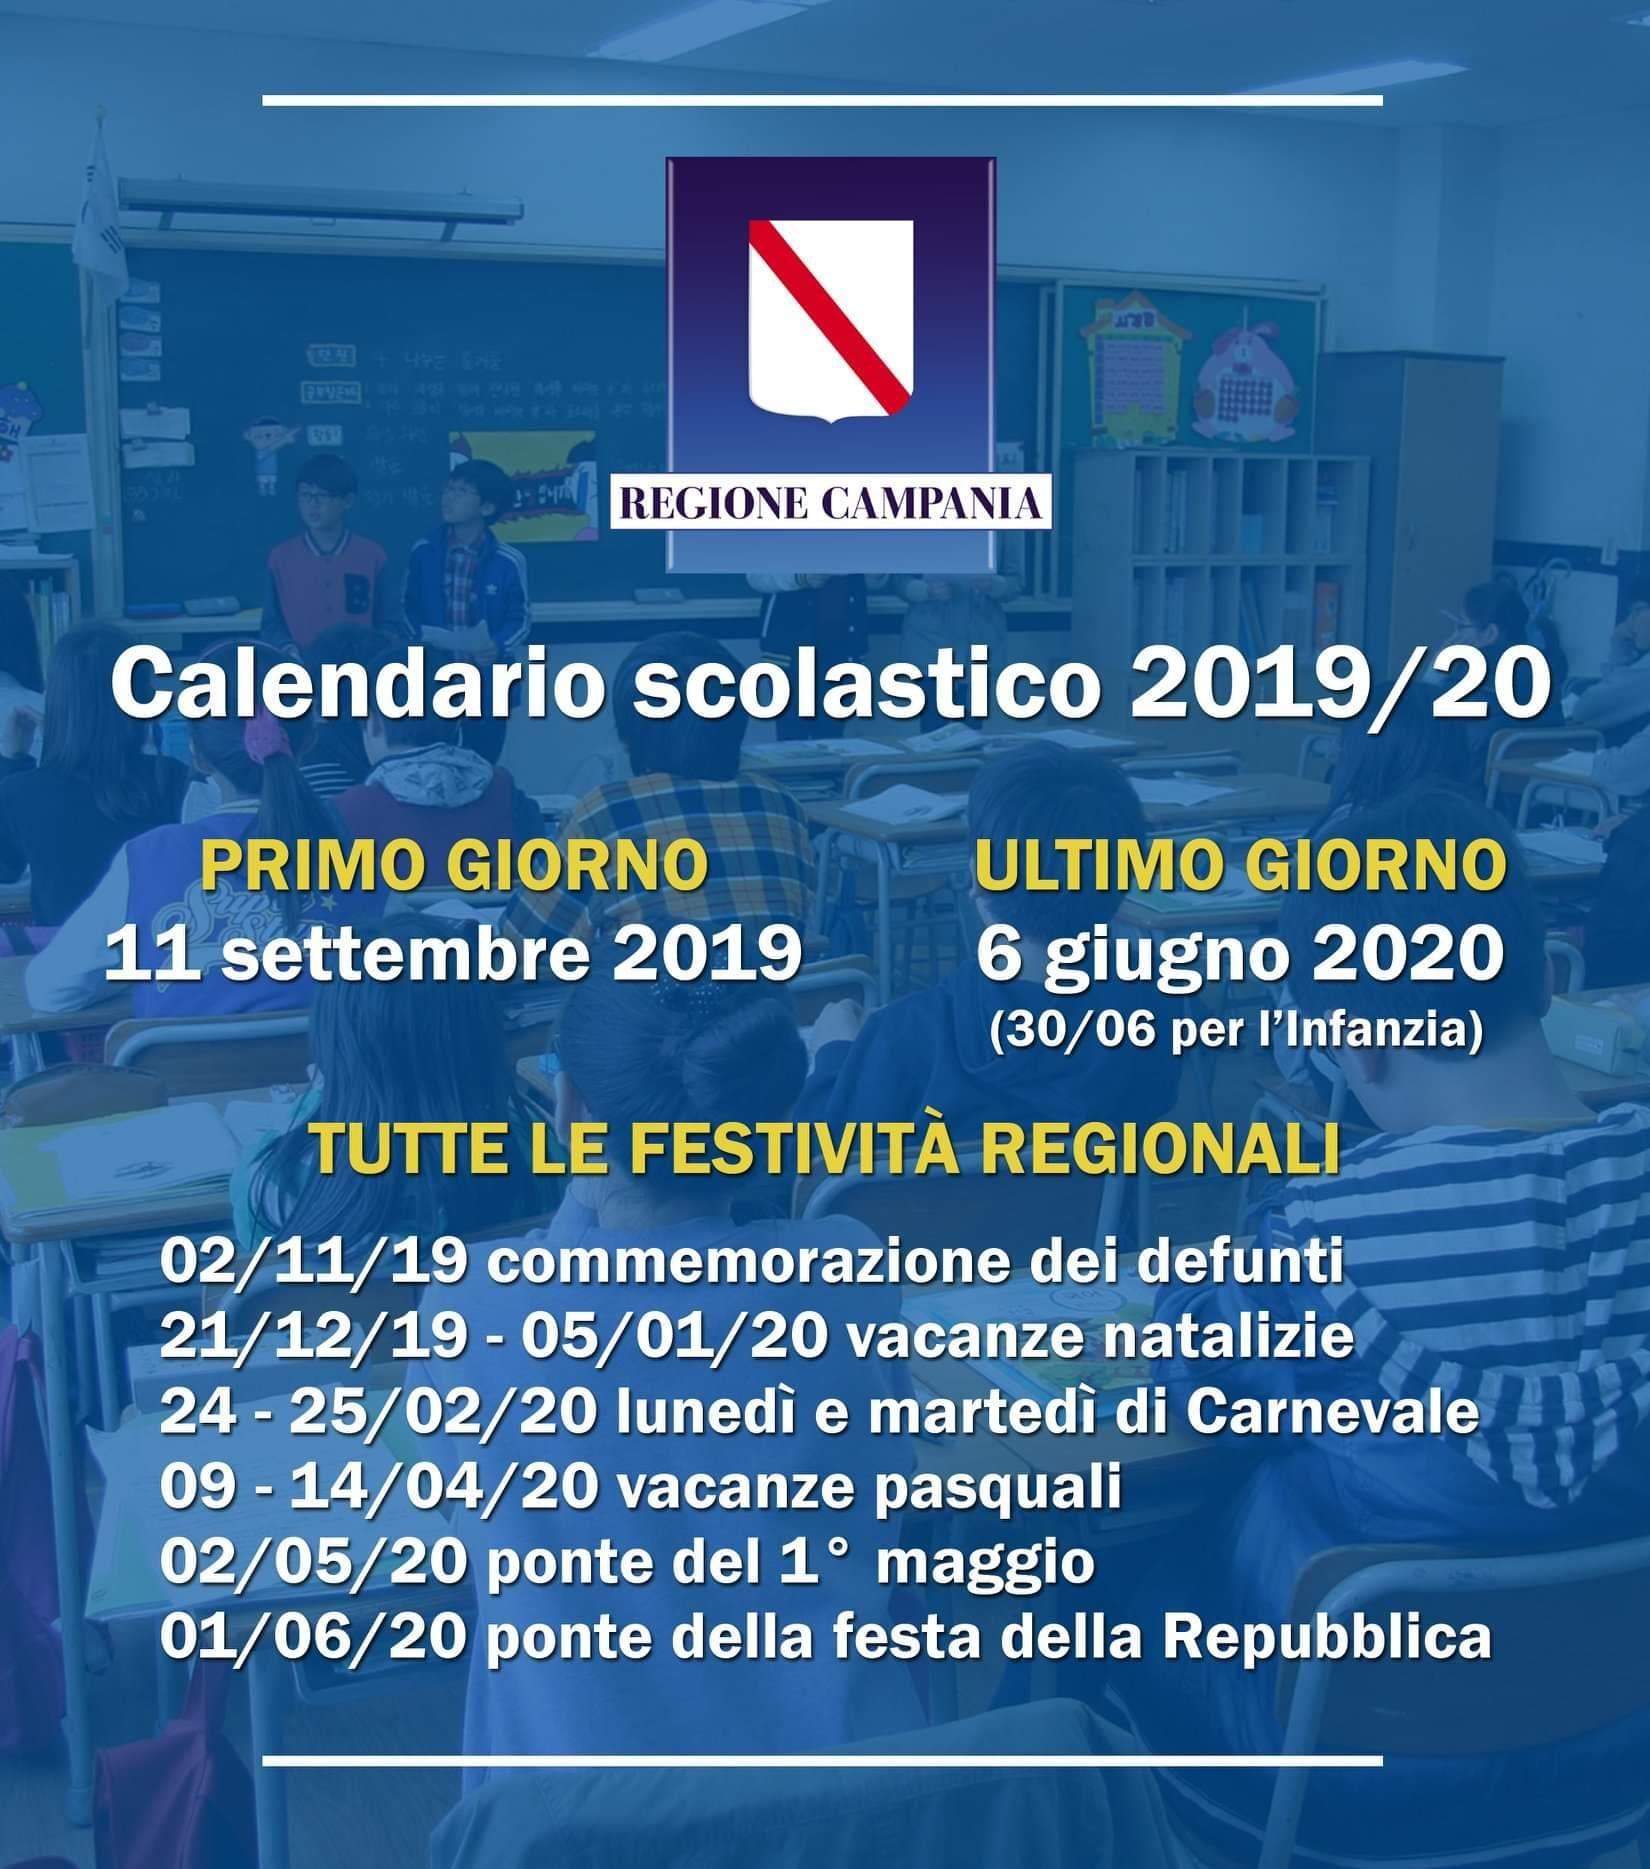 Calendario Repubblica.Ecco Il Calendario Scolastico 2019 2020 Si Rientra In